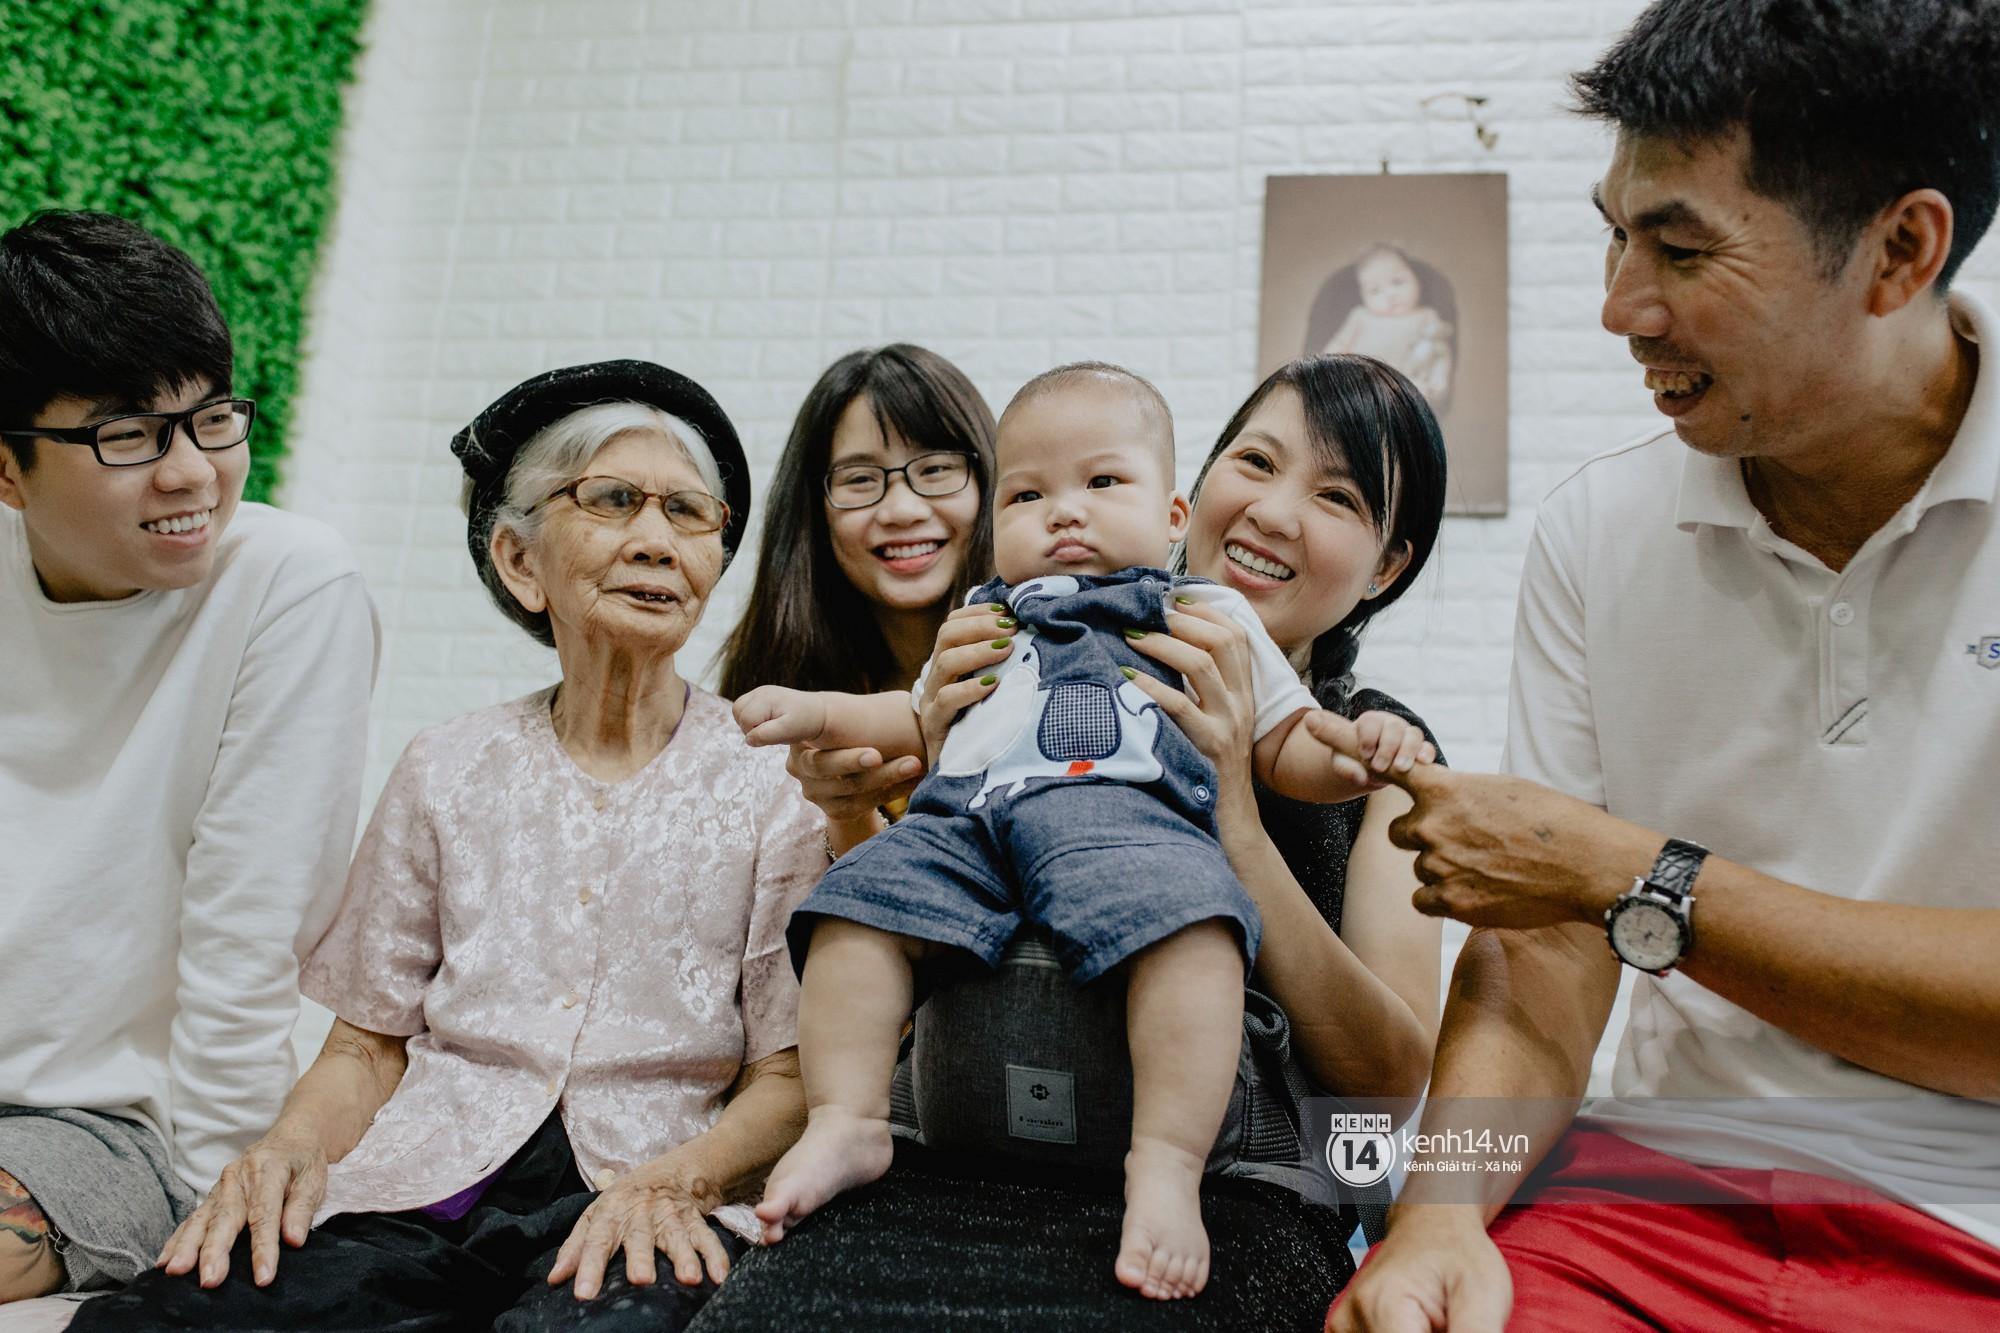 Thanh Trần khoe mua xe hơi tiền tỷ ở tuổi 21, tiết lộ từng bị đại gia gạ tình khi còn độc thân - Ảnh 3.